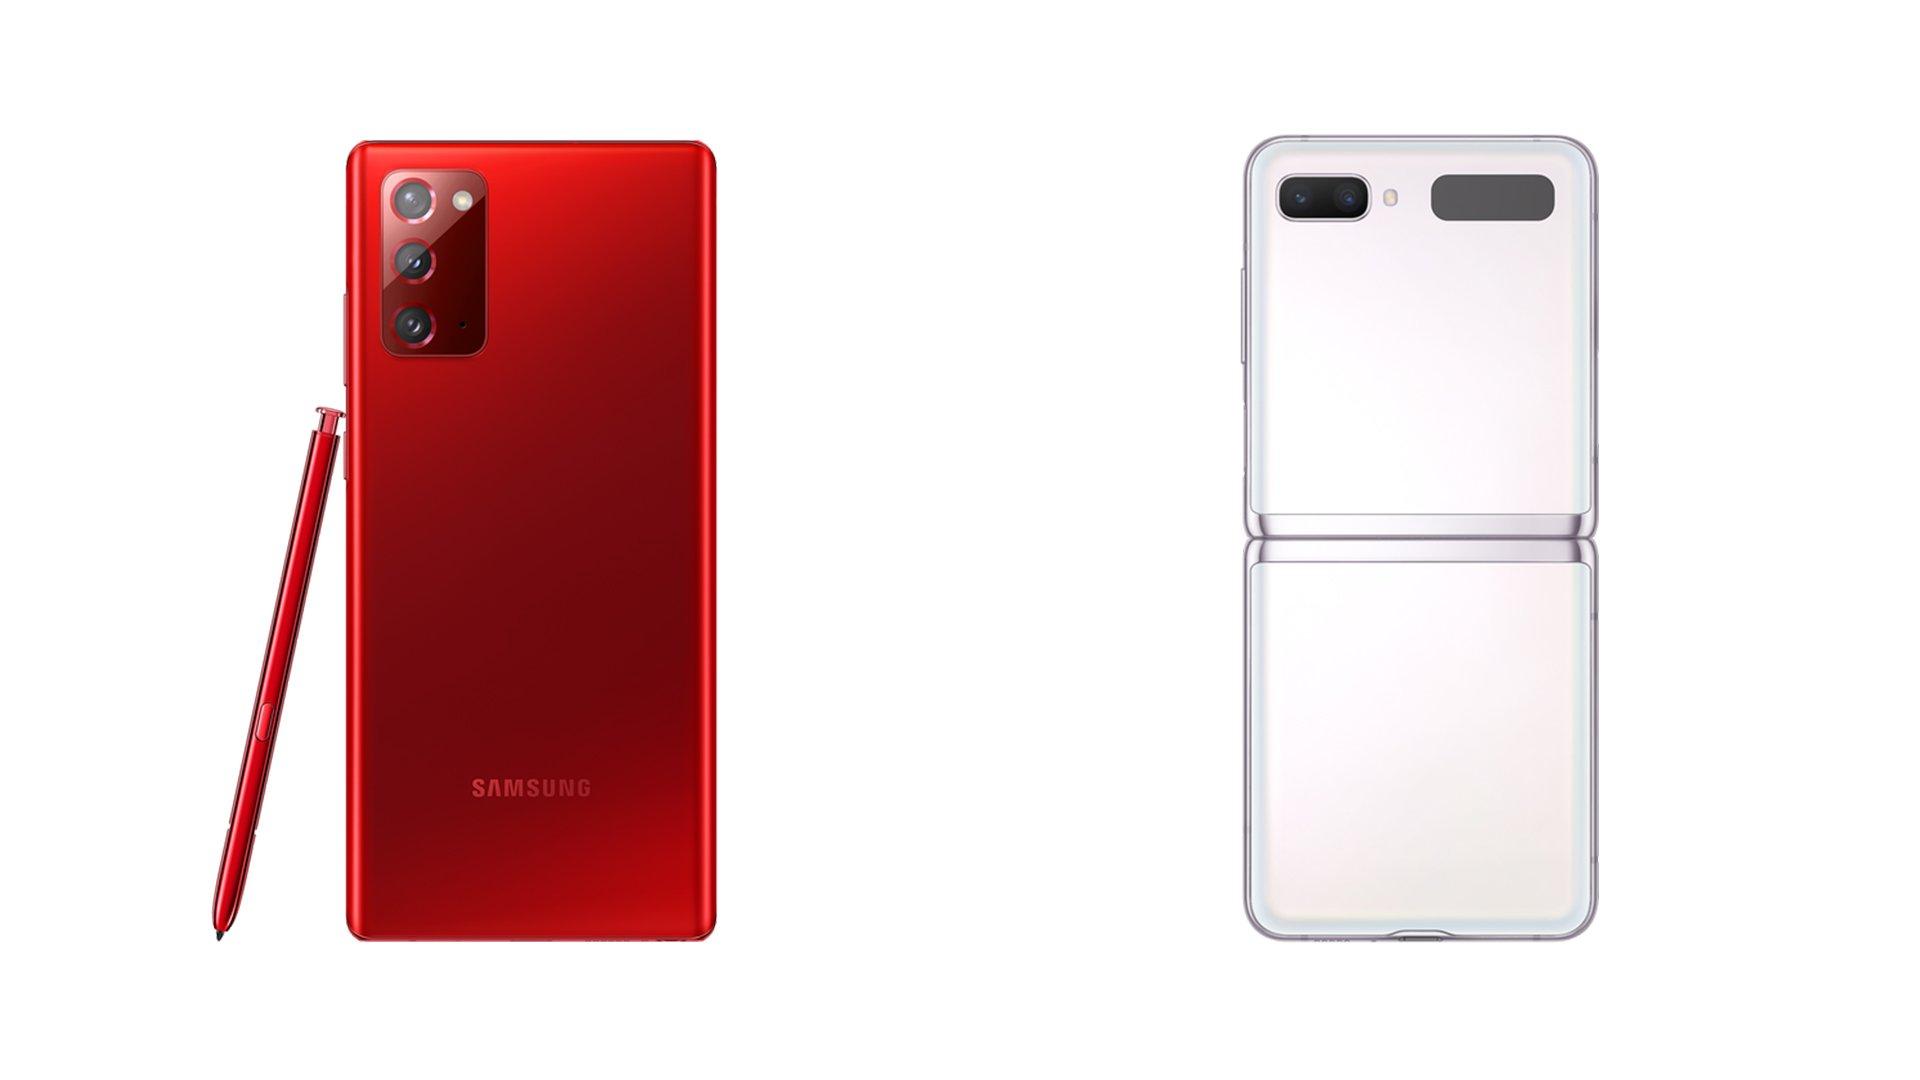 Samsung-Galaxy-Note-20-Mystic-Red-Galaxy-Z-Flip-5G-Mystic-White